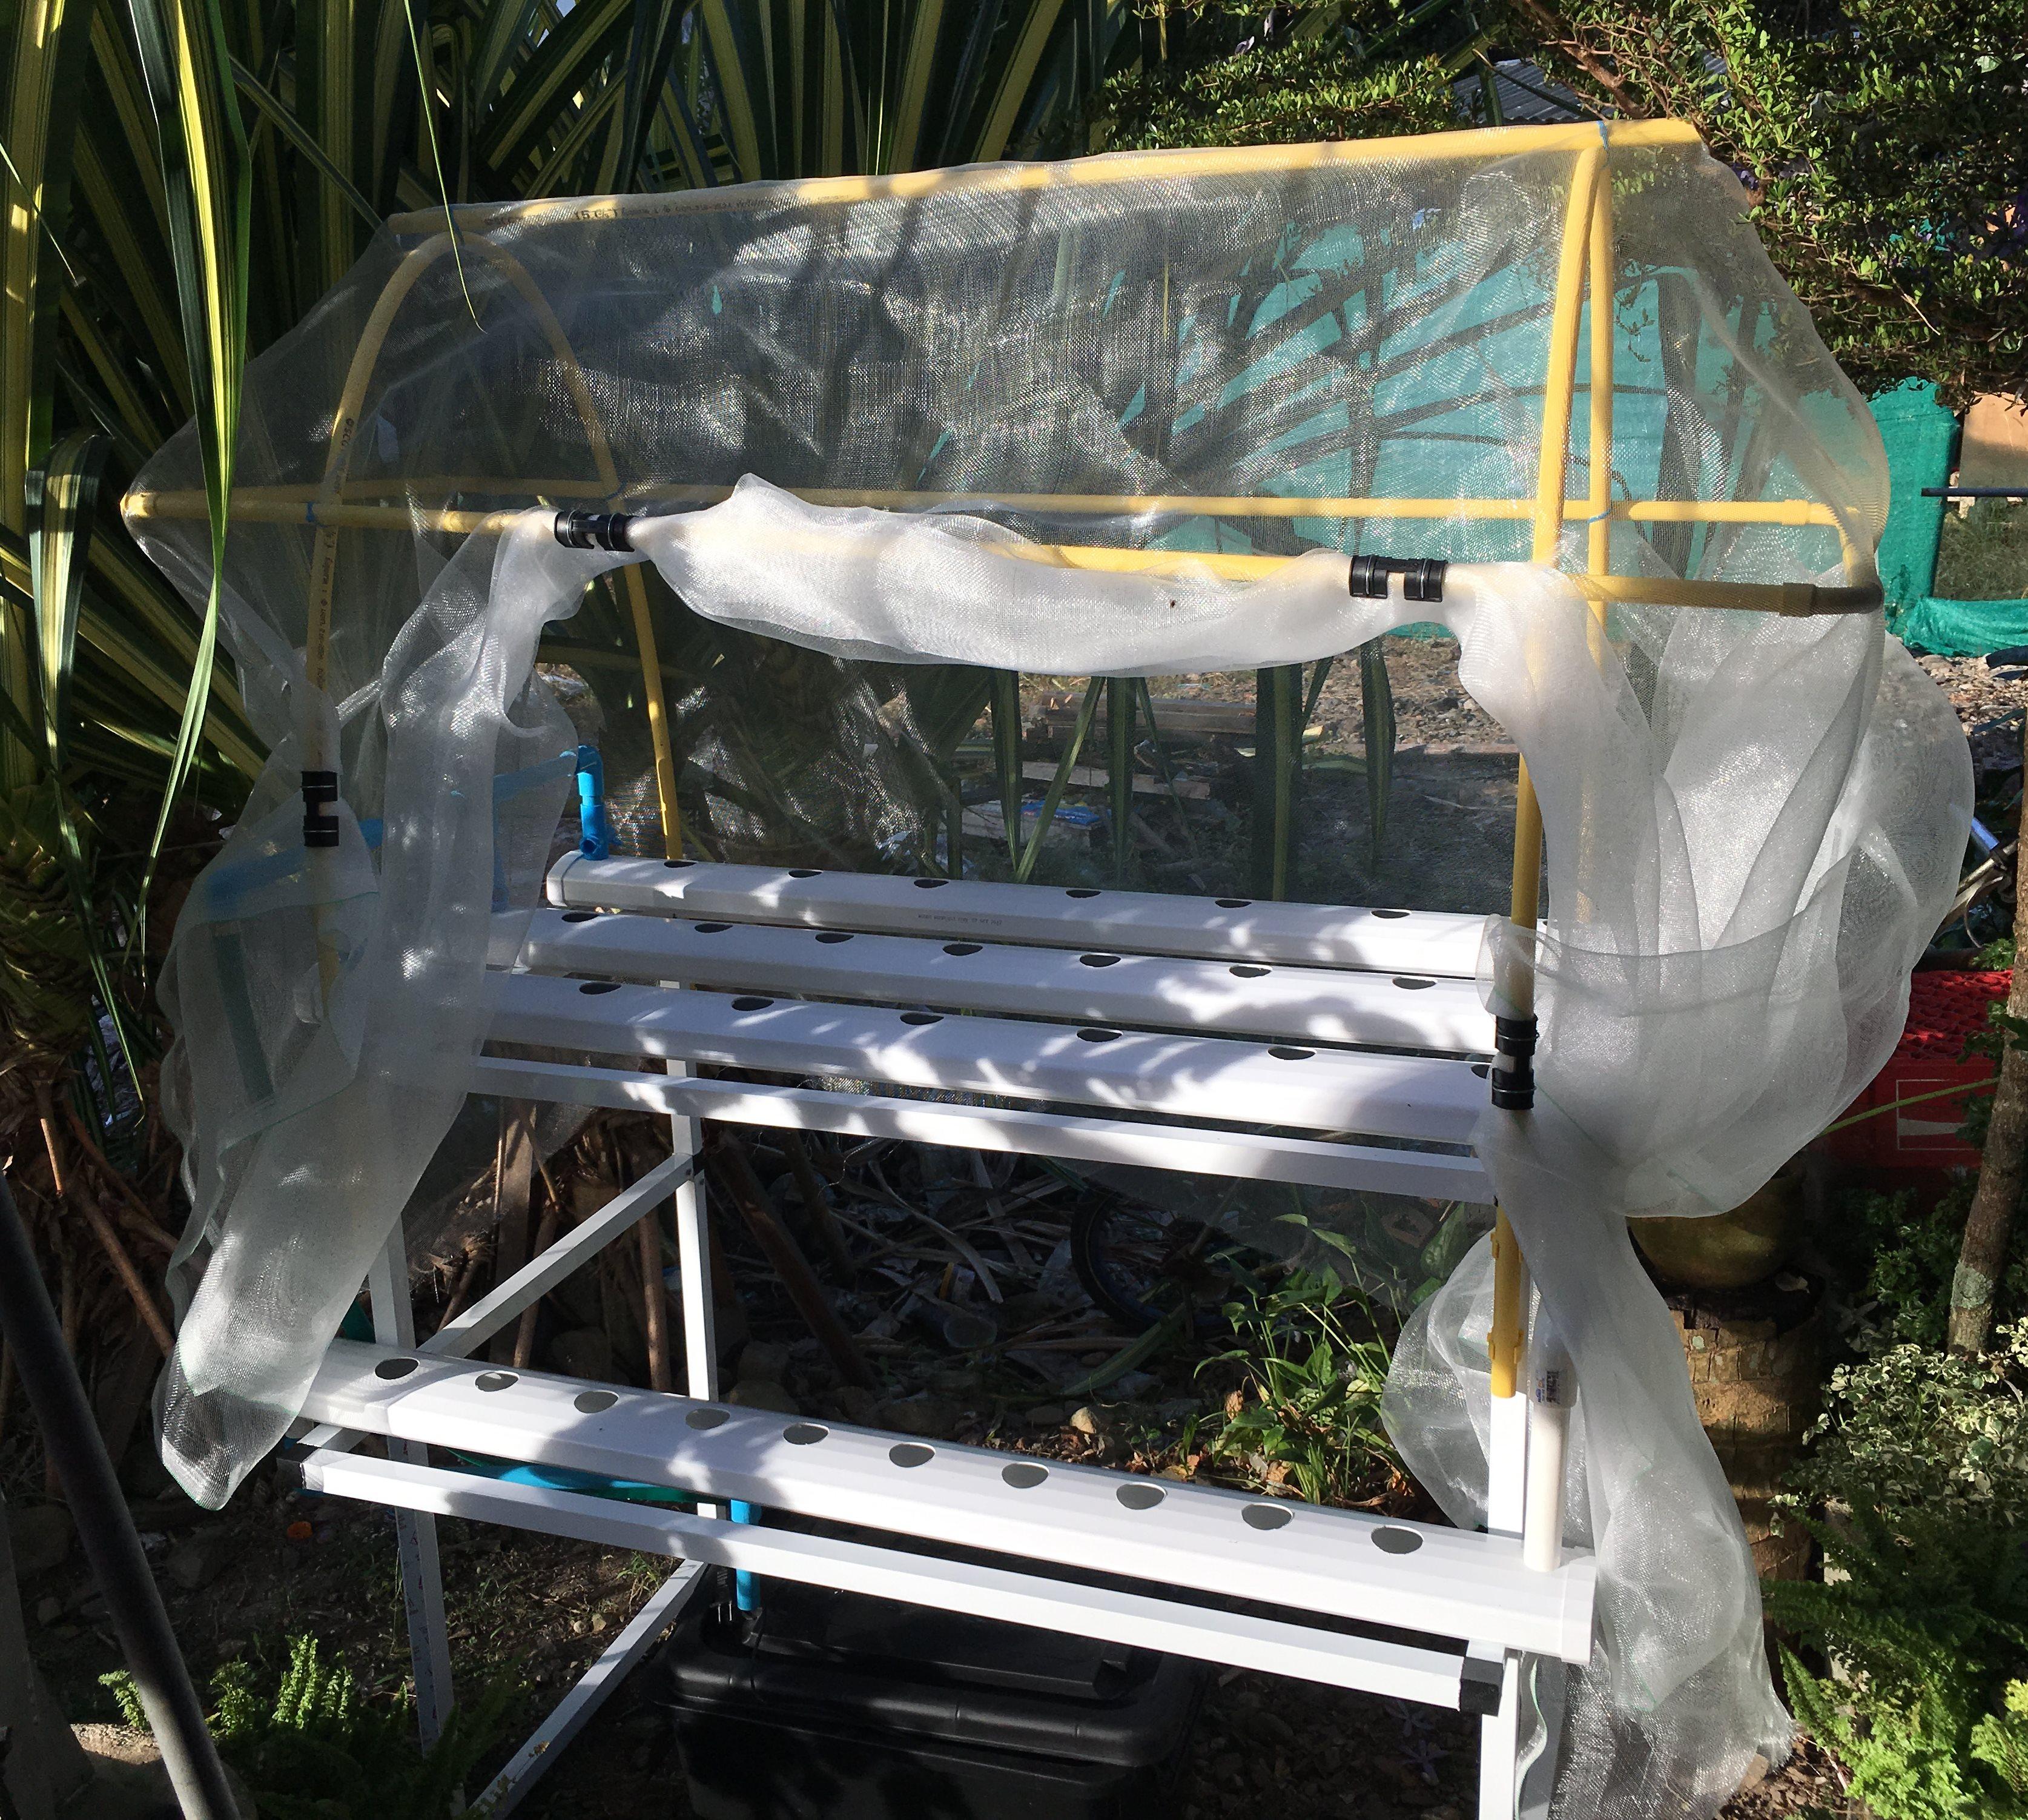 ชุดปลูกผักไฮโดรโปนิกส์ (Hydroponic Set) 30 ช่องปลูก+รางอนุบาล